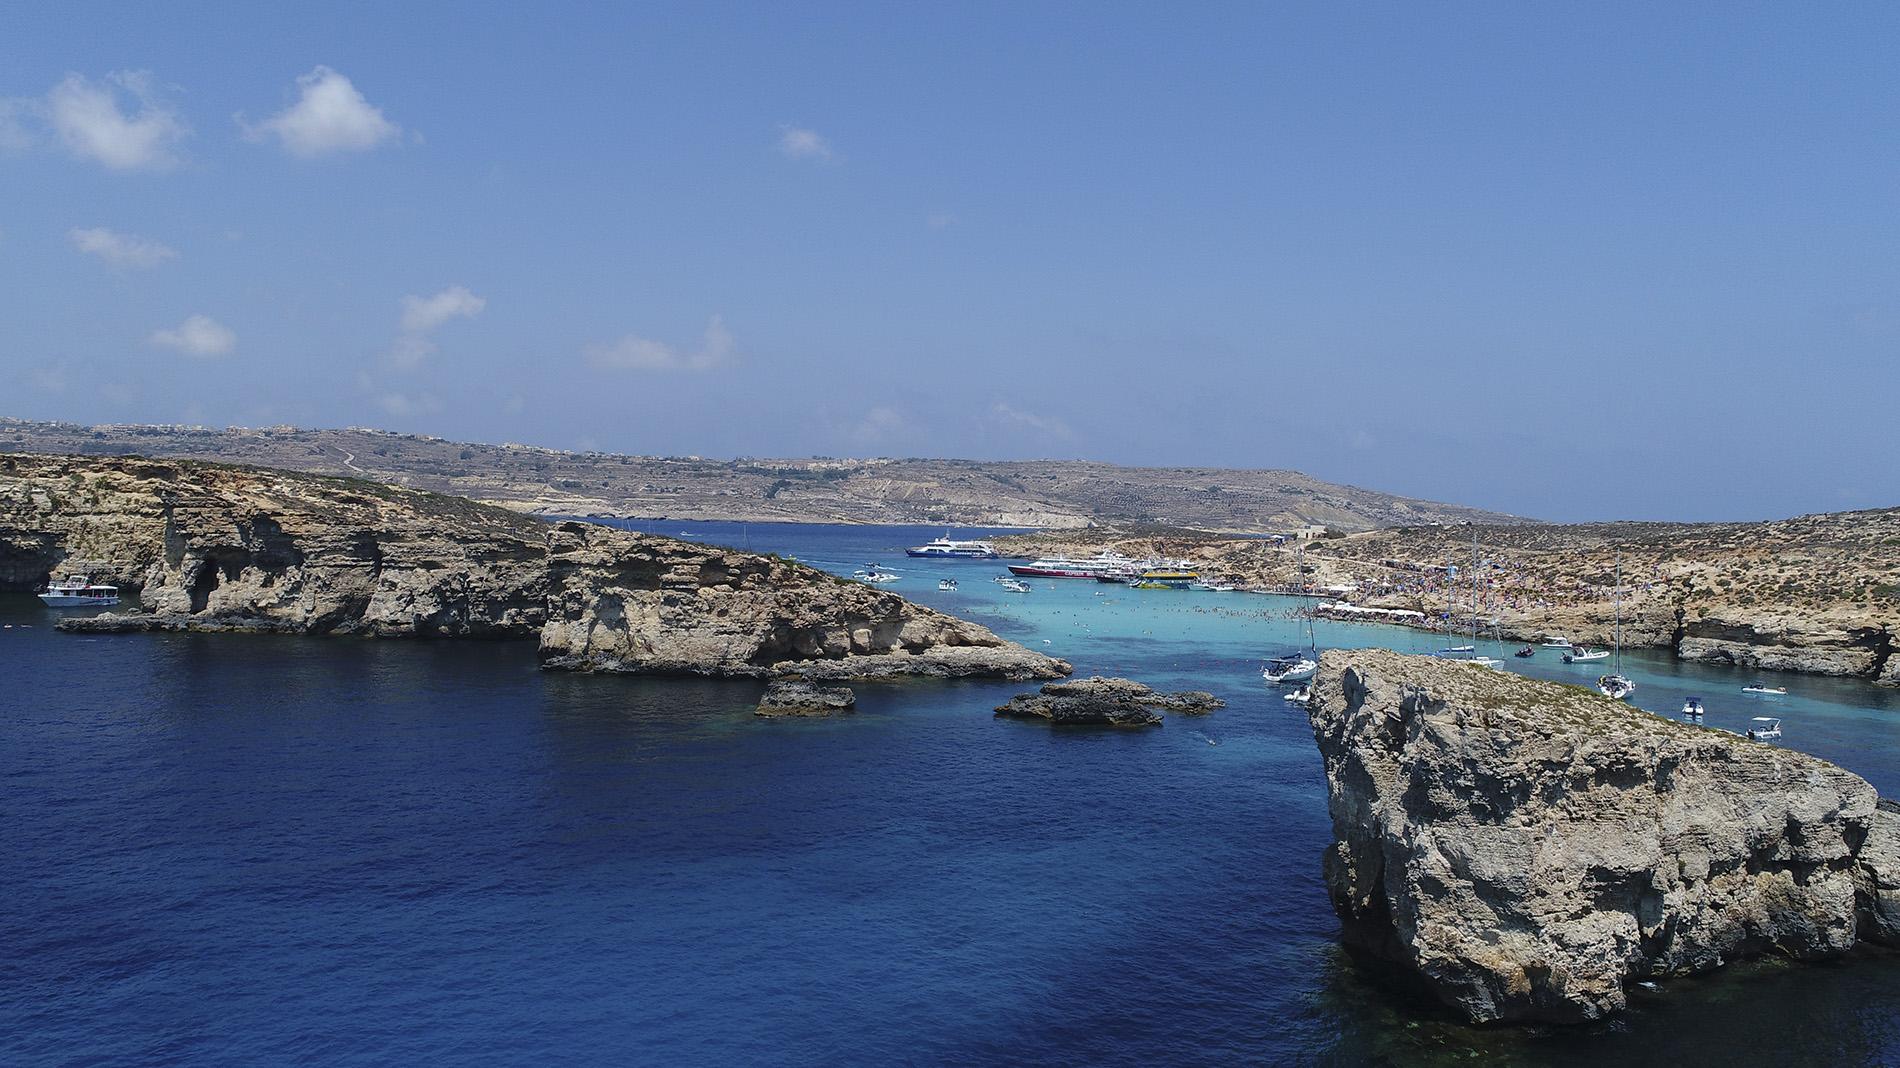 Blue Lagoon Malta - Yacht Charters Malta